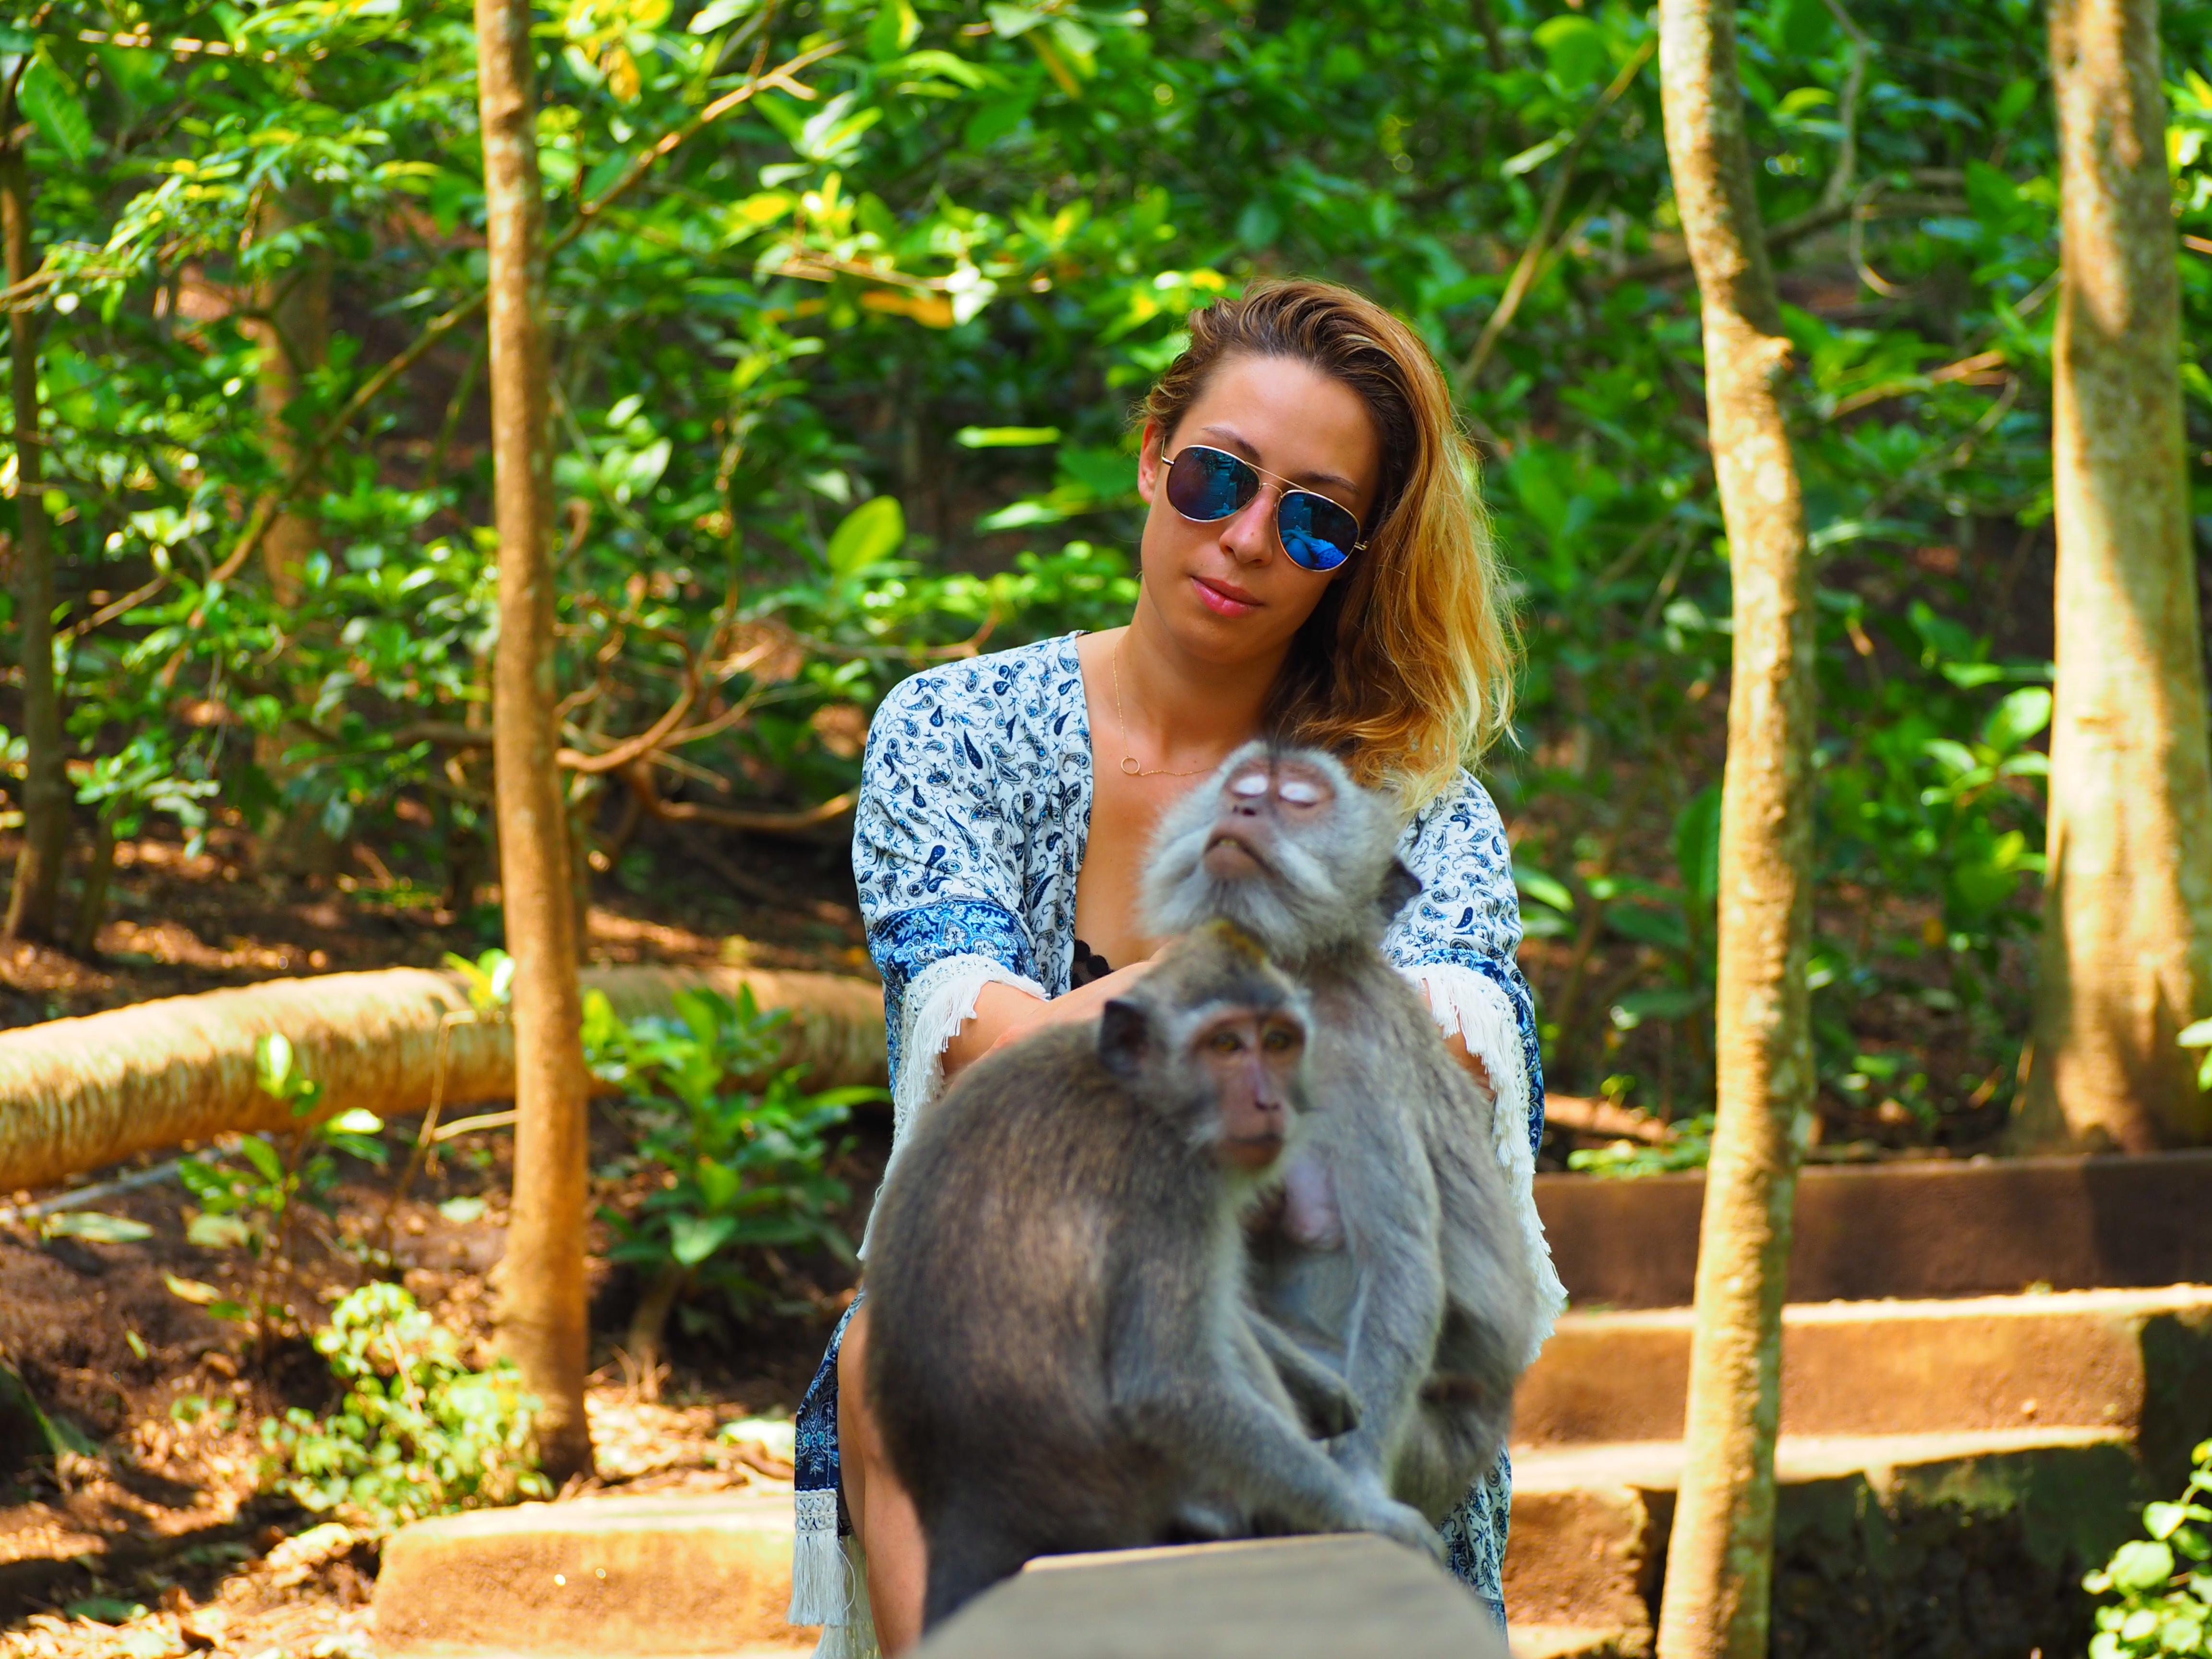 Moje 5 top rzeczy do zrobienia w Ubud, Bali